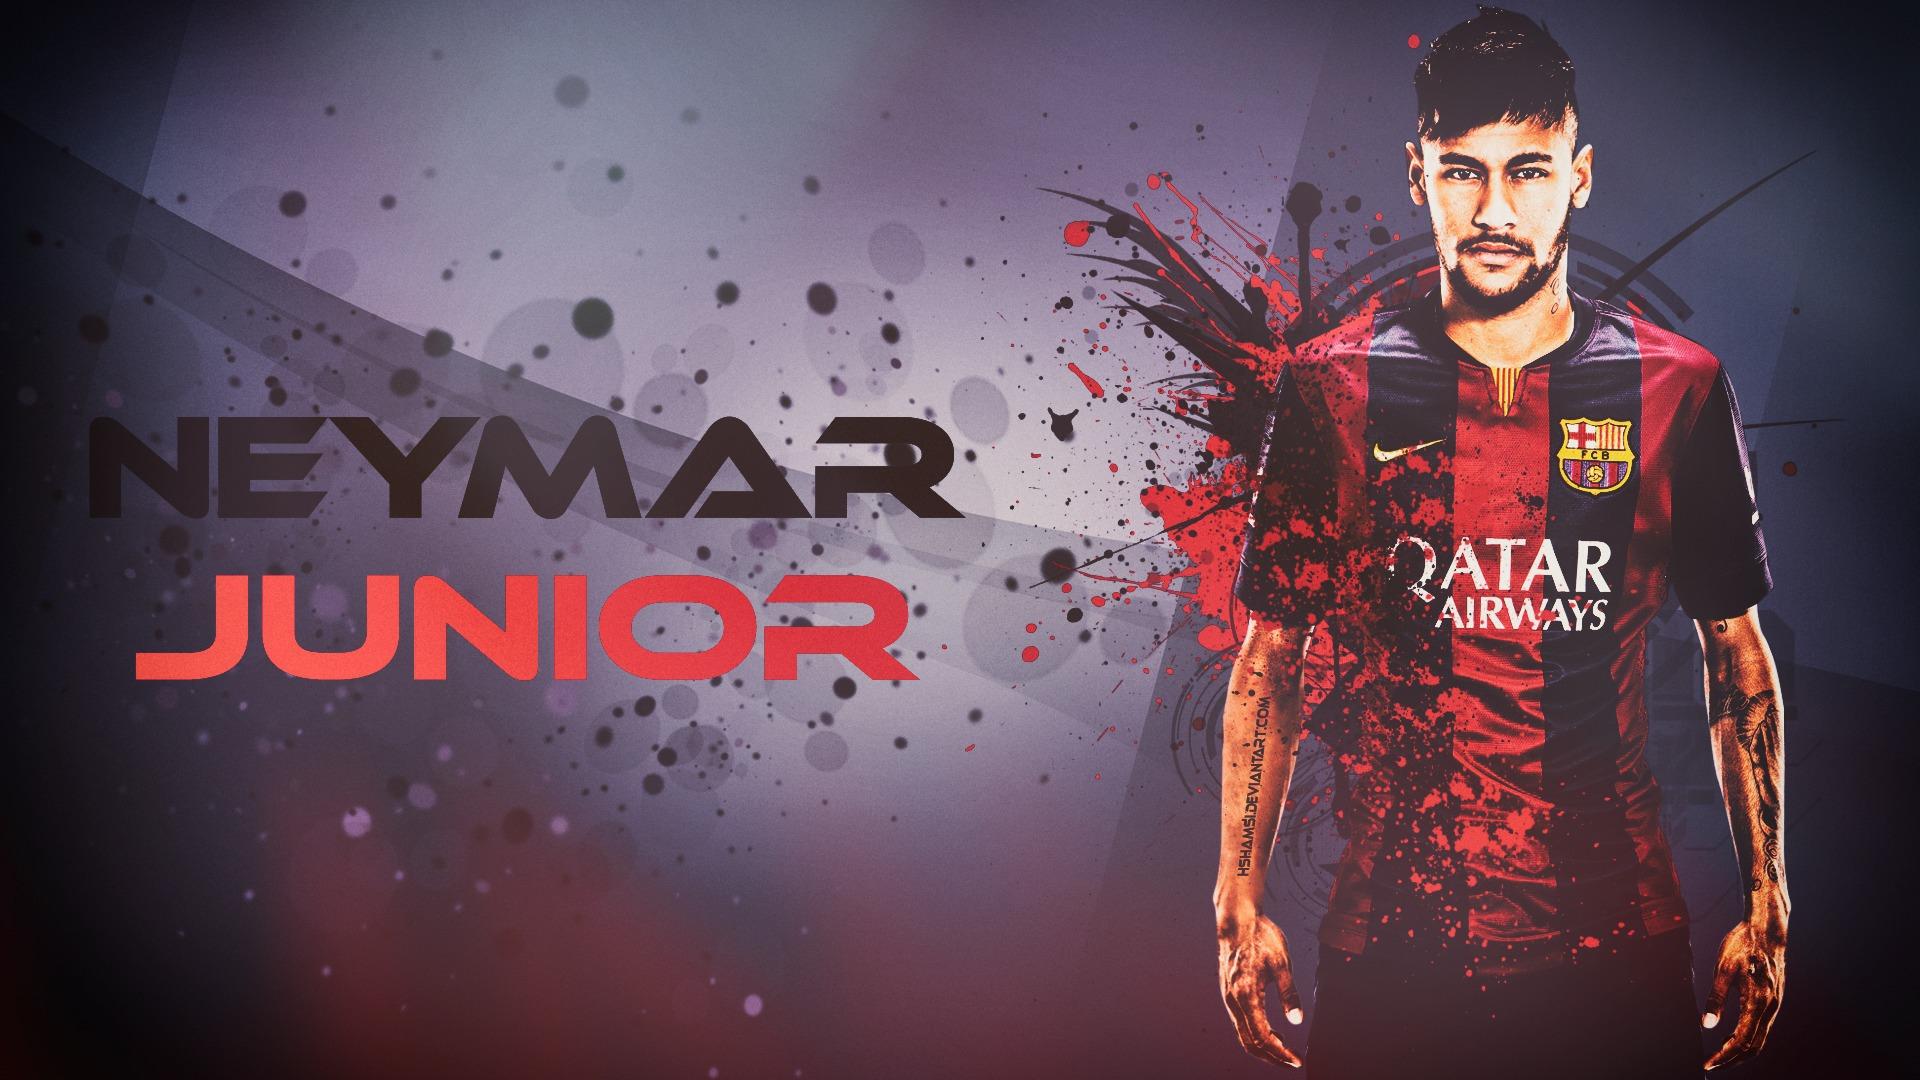 Neymar Junior Neymar